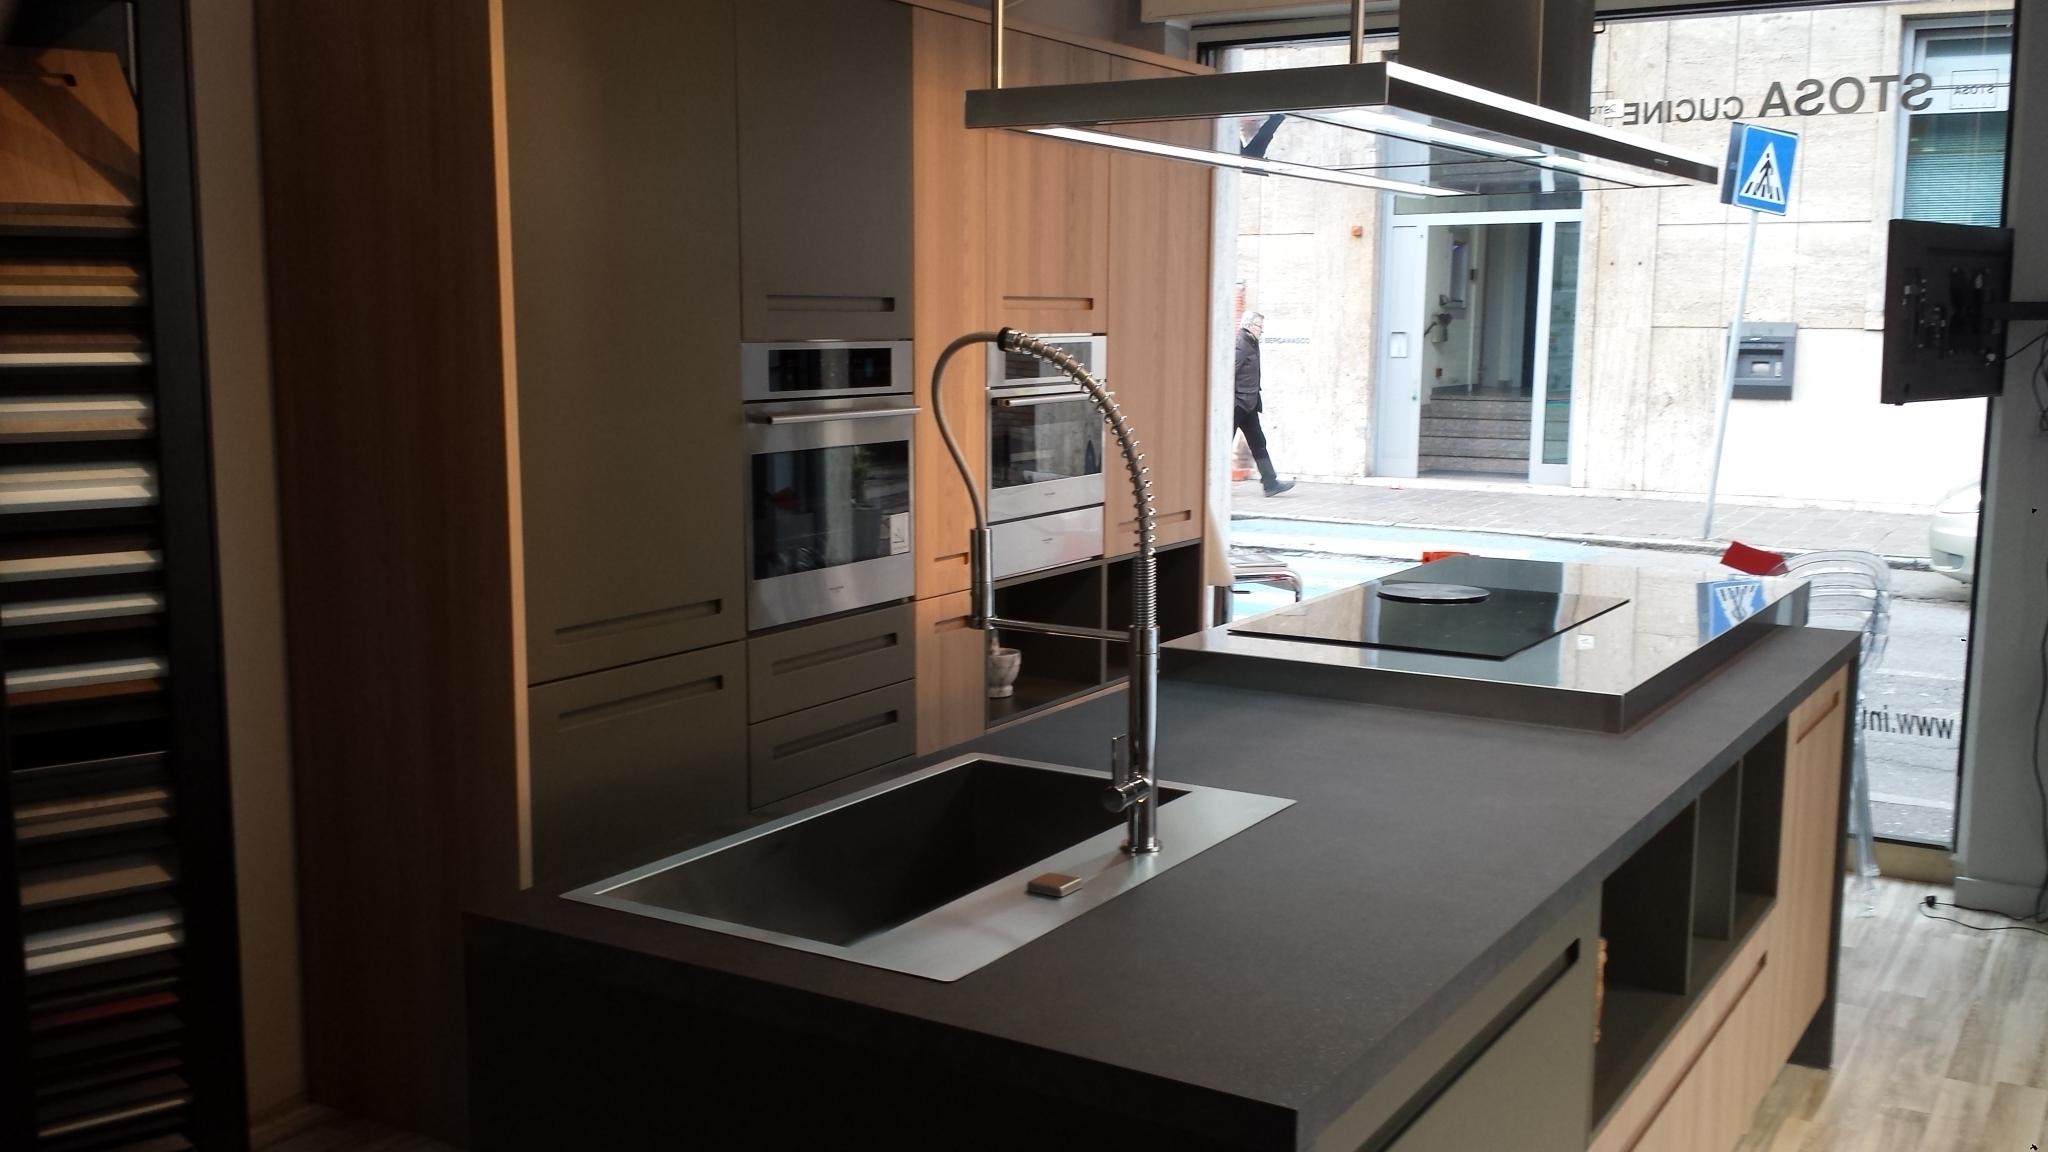 Cucina stosa cucine mood composizione tipo 01 cucine a - Cucine fascia alta ...